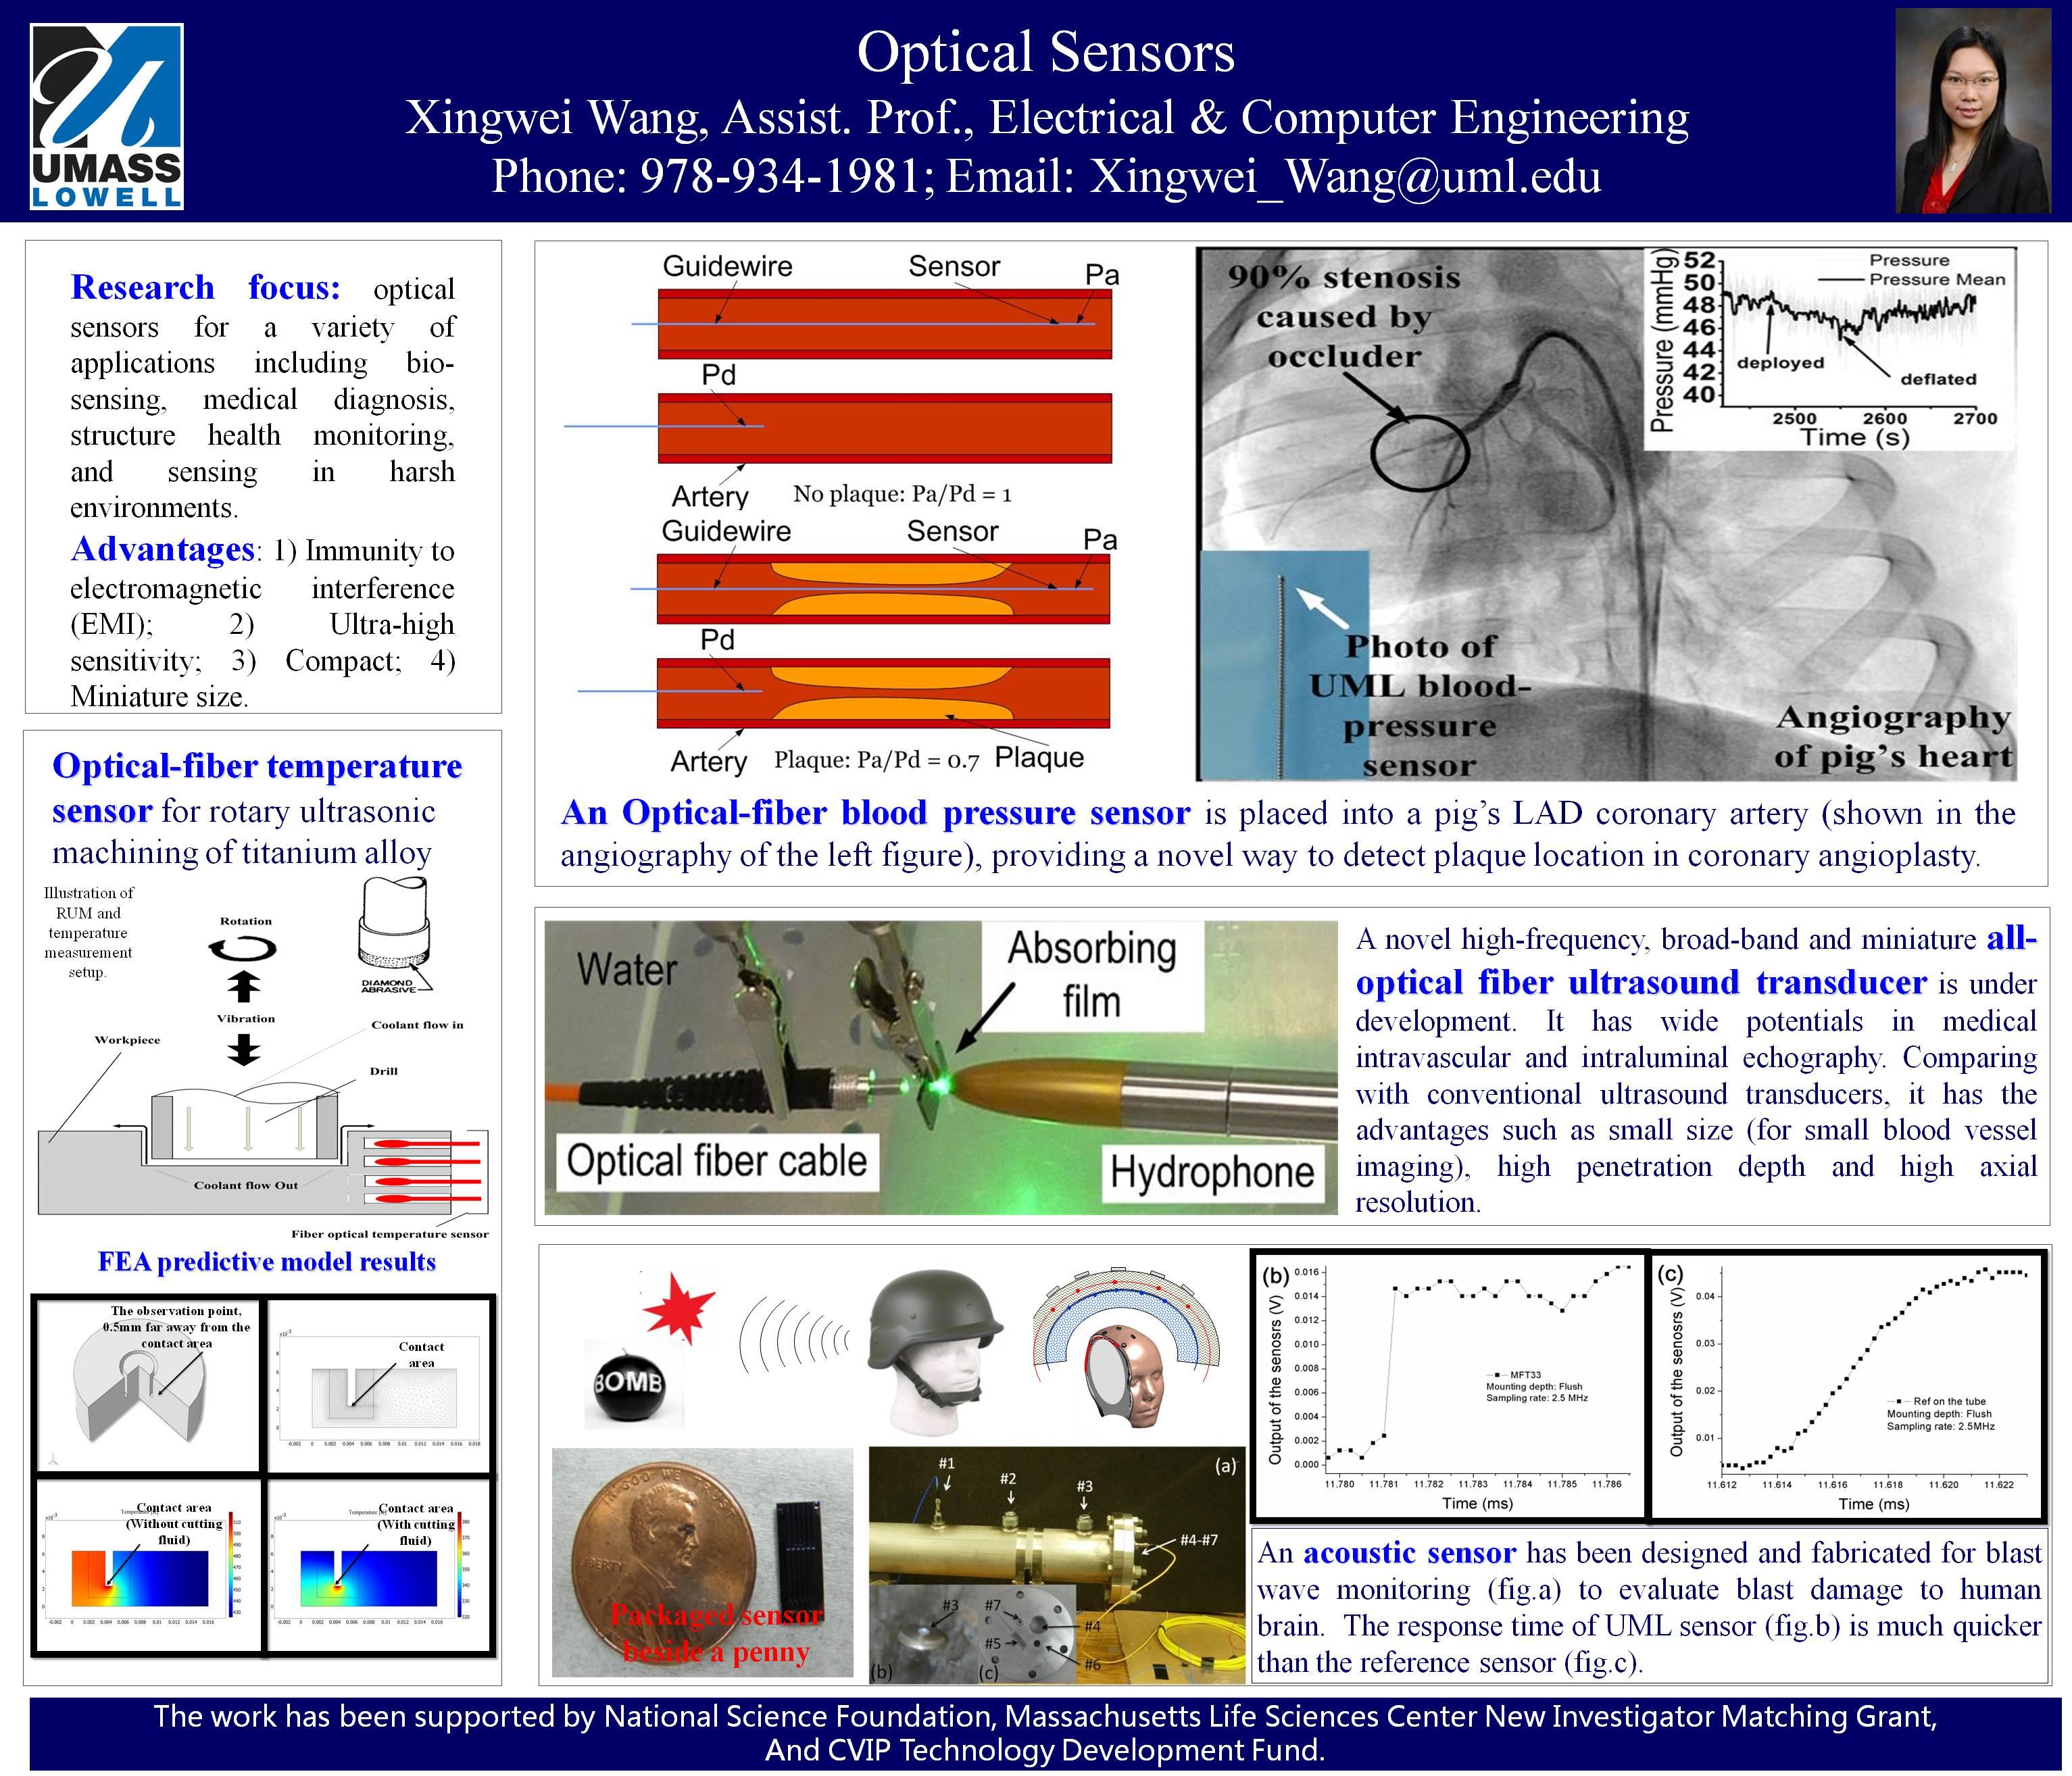 Goviex Uranium News